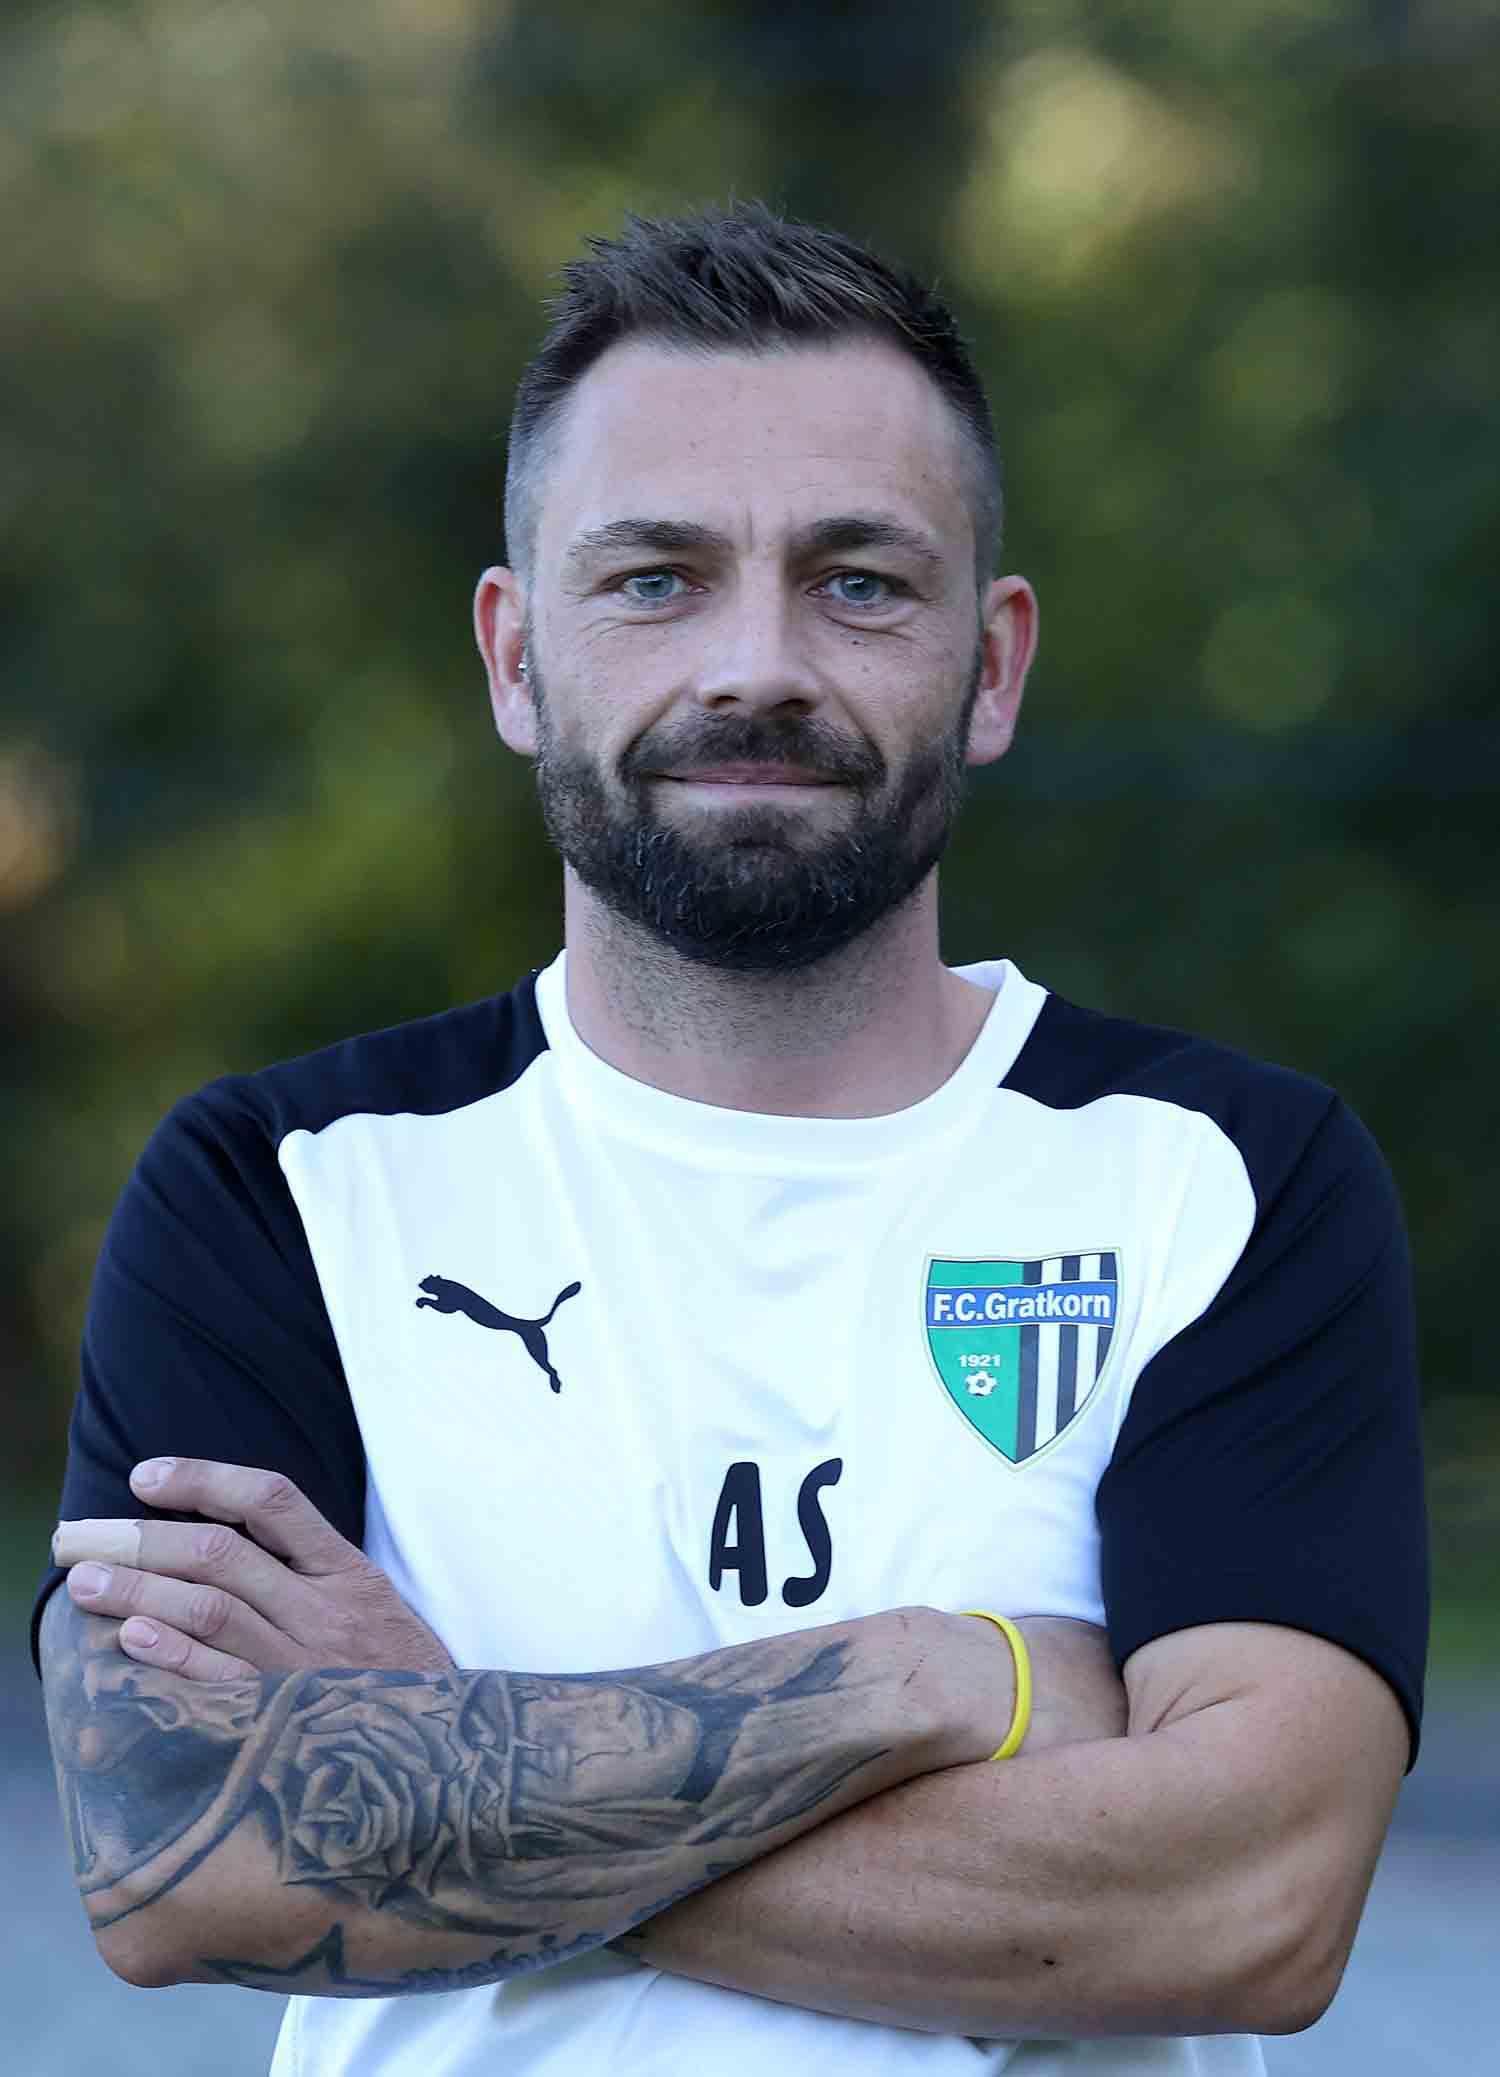 Andreas Steinschneider, Trainer U 11, FC Graktorn